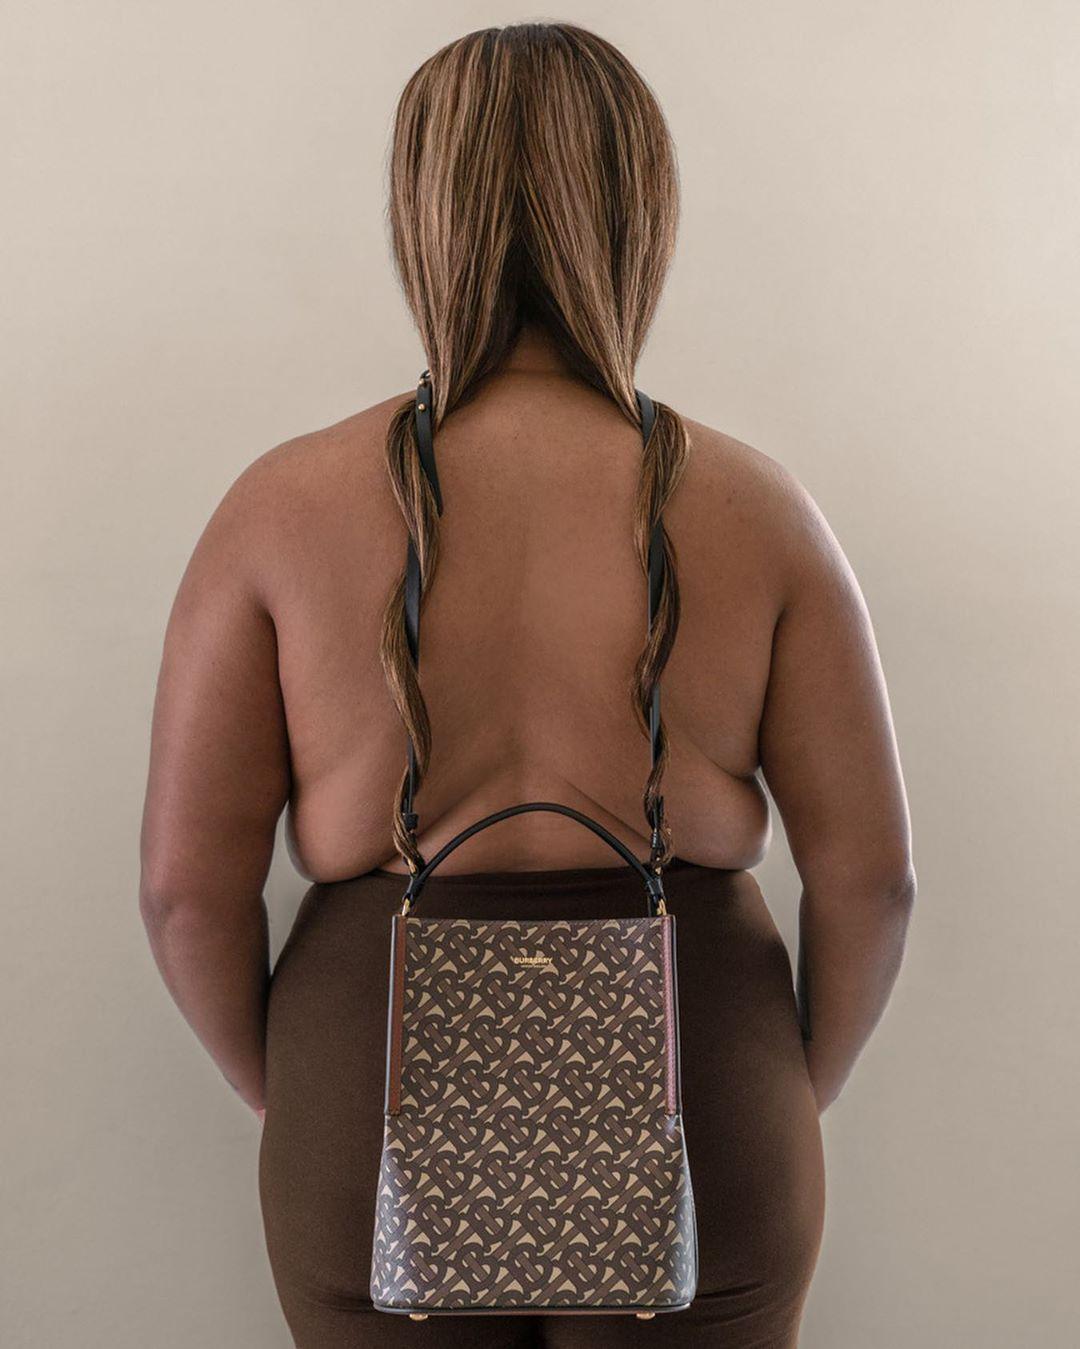 Burberry pokazuje swoją nową torebkę jako część instalacji eksplorującej ludzkie ciało